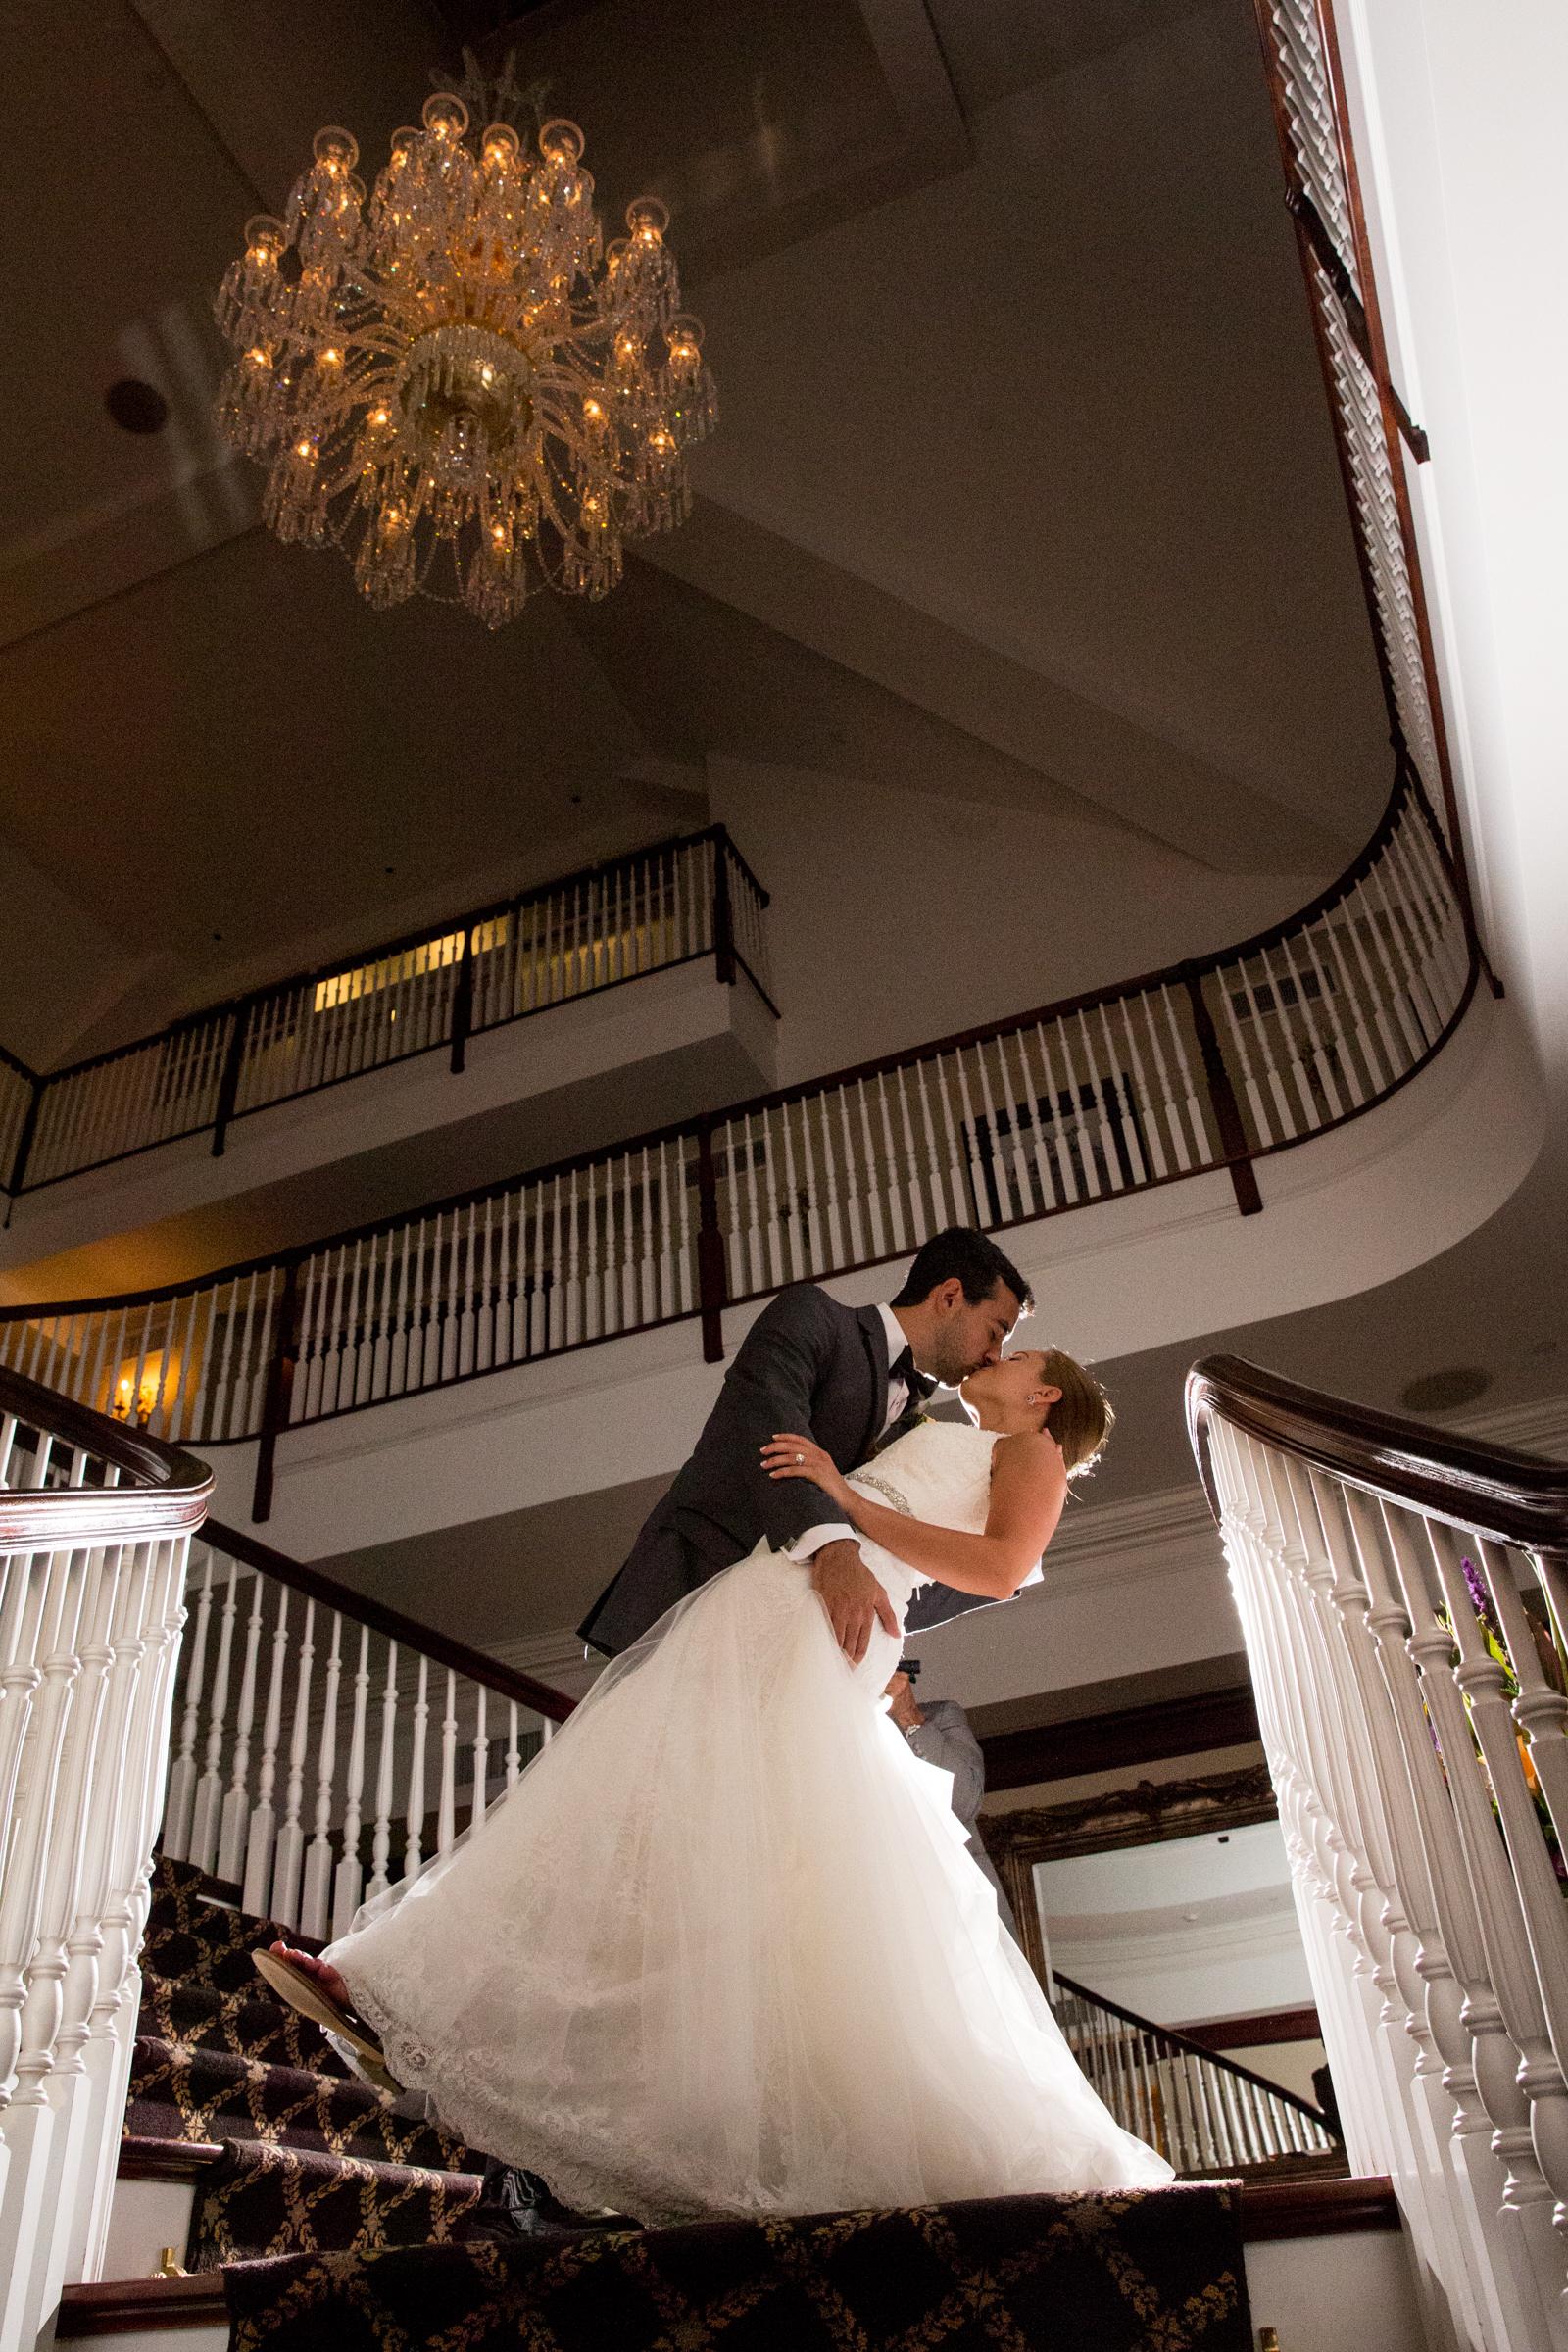 trump-national-golf-course-wedding couple-photos